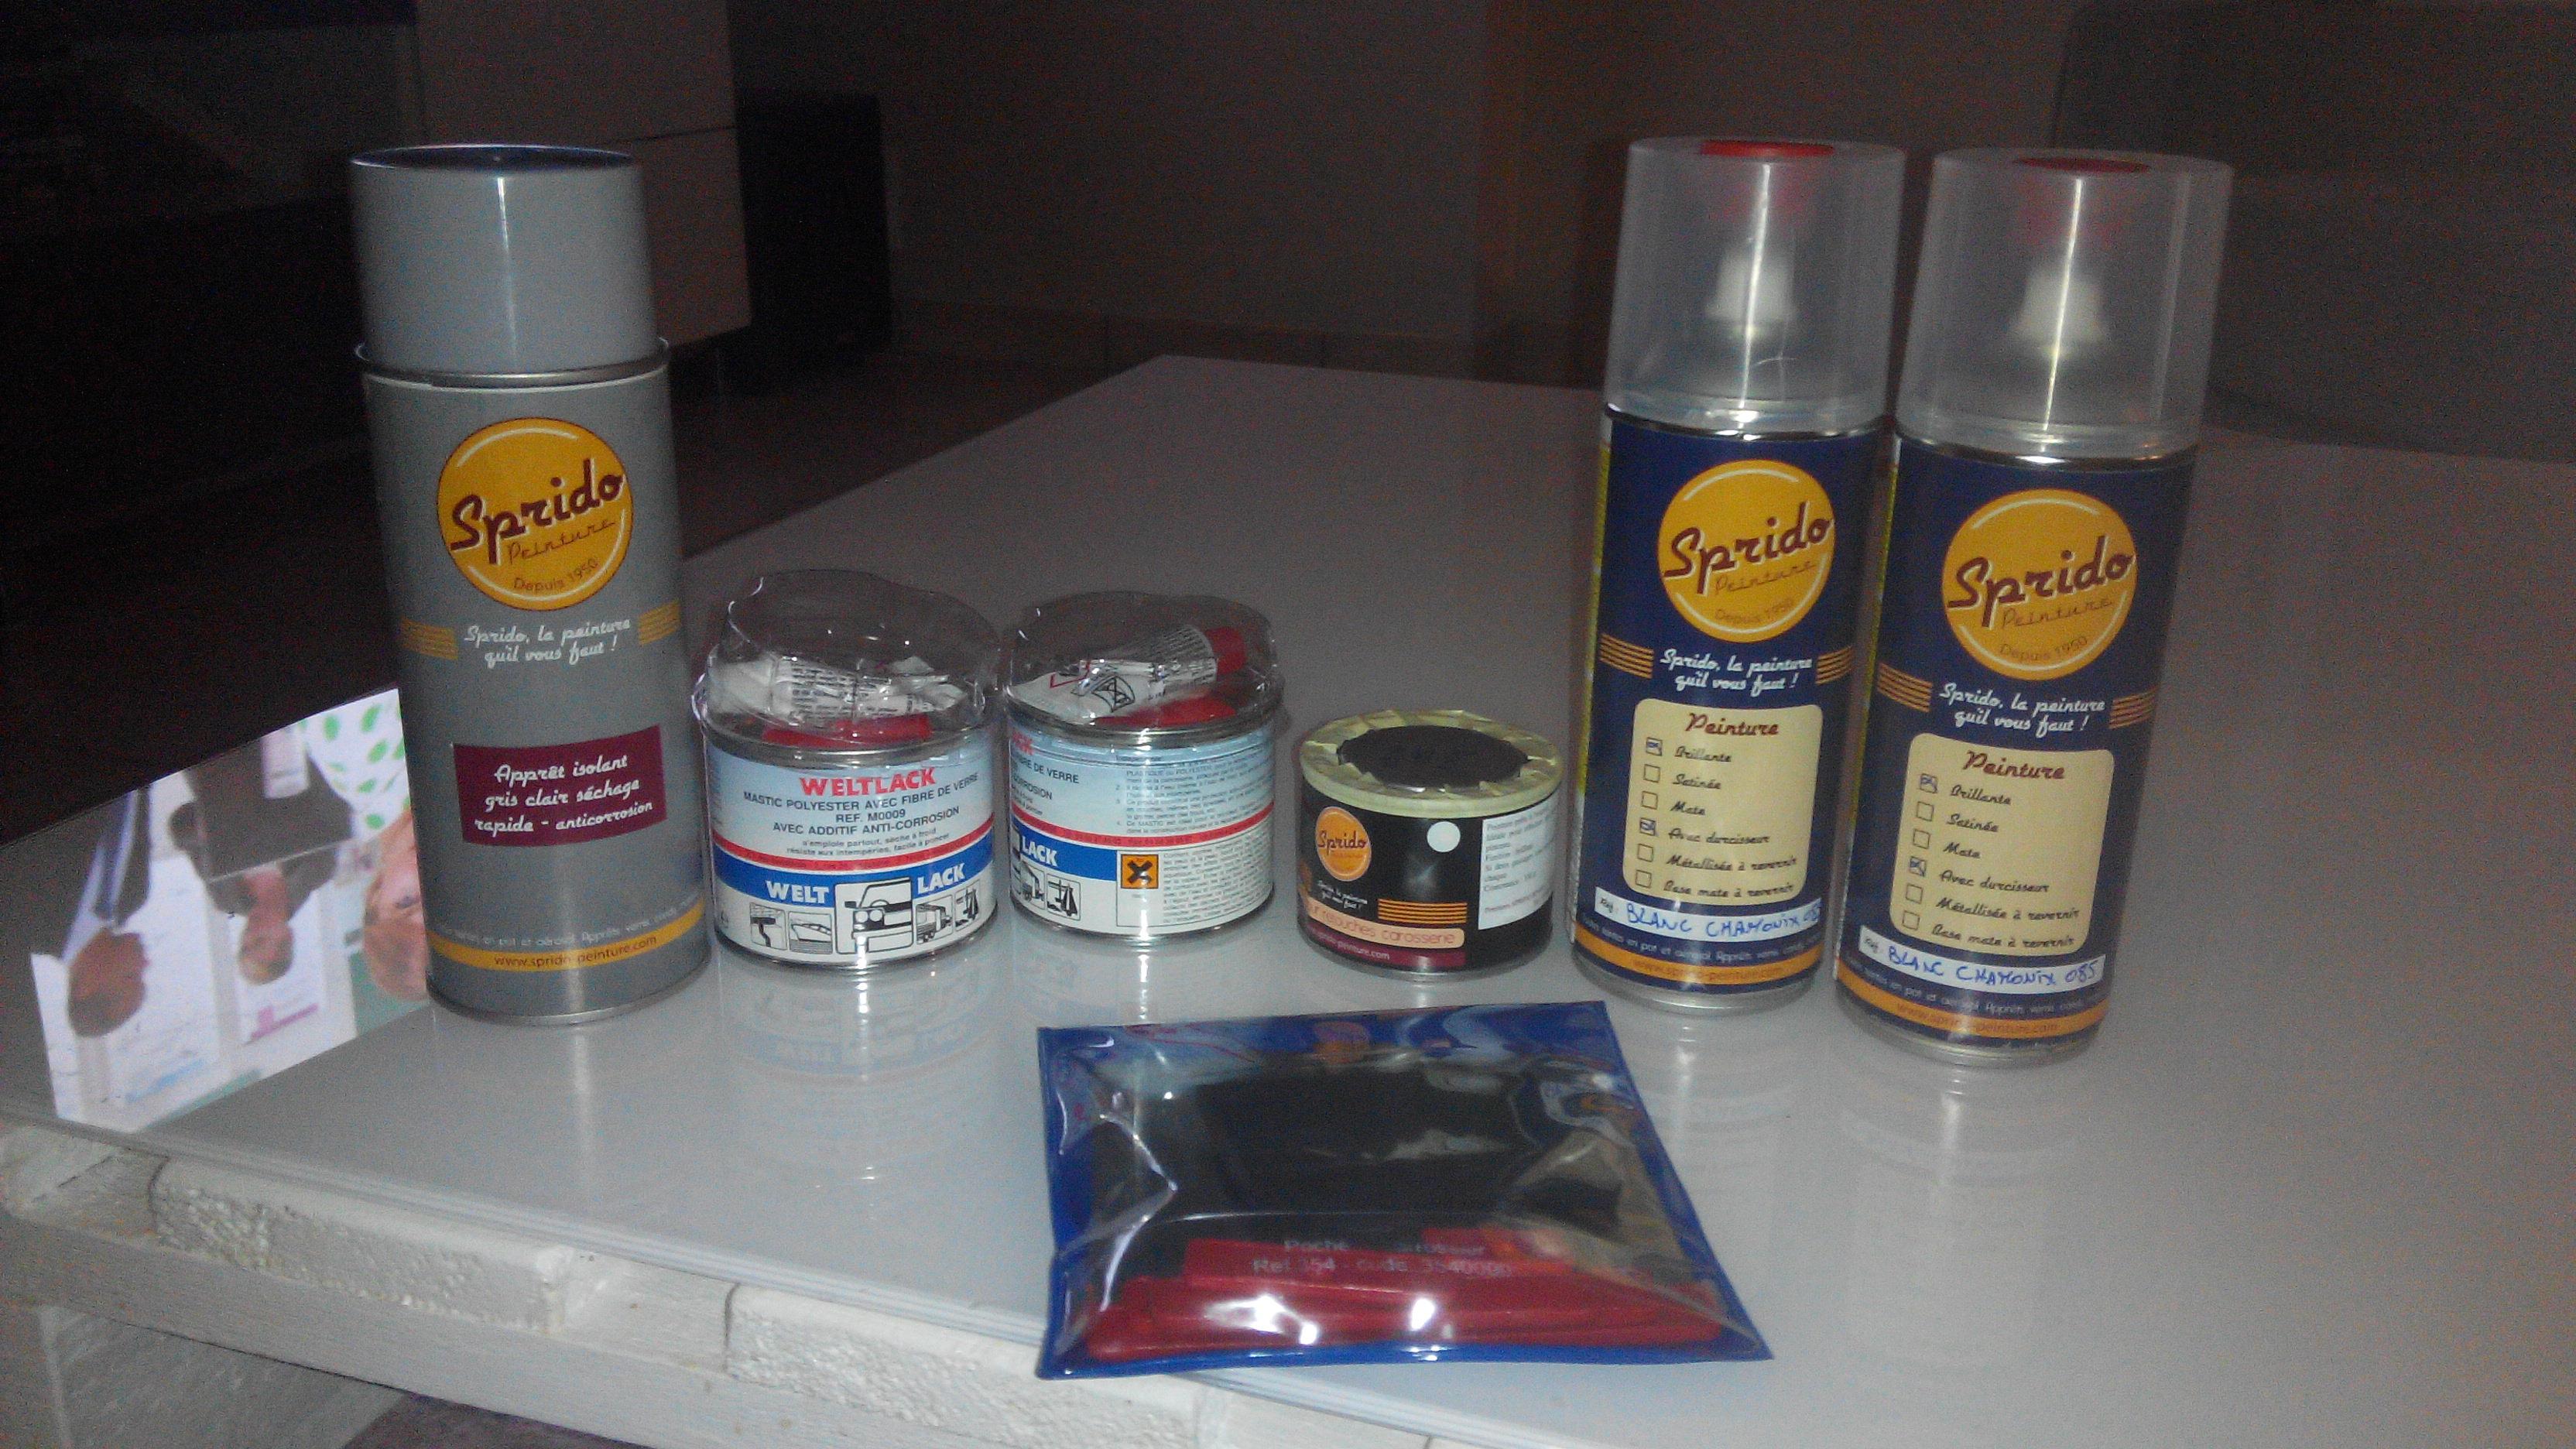 quantit n cessaire de bombes d 39 appr t peinture et vernis sur toute la voiture clio 1997. Black Bedroom Furniture Sets. Home Design Ideas